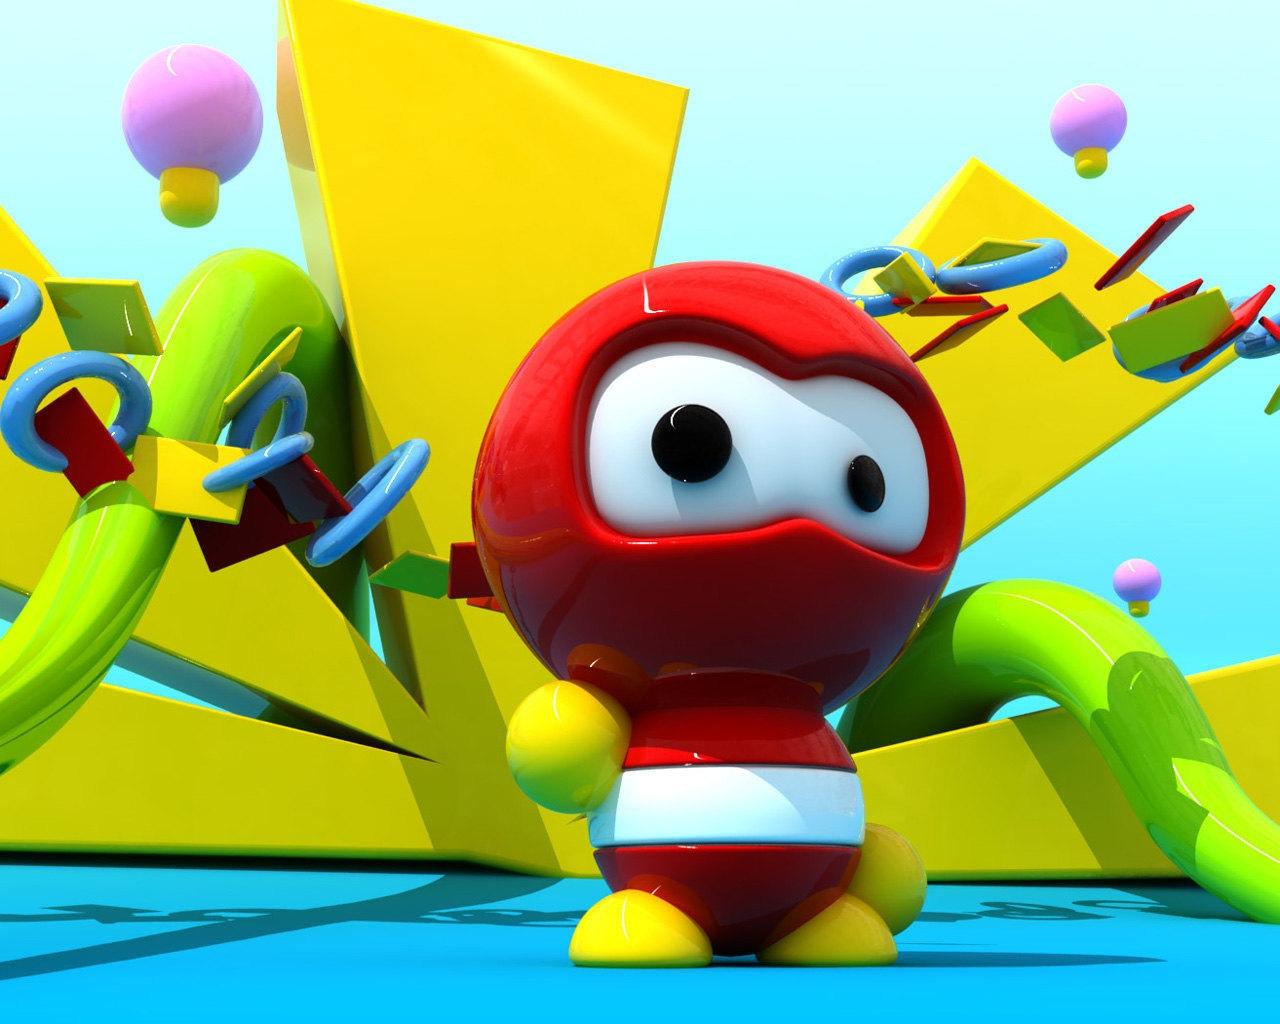 Sfondi illustrazione robot rosso verde giallo cartone